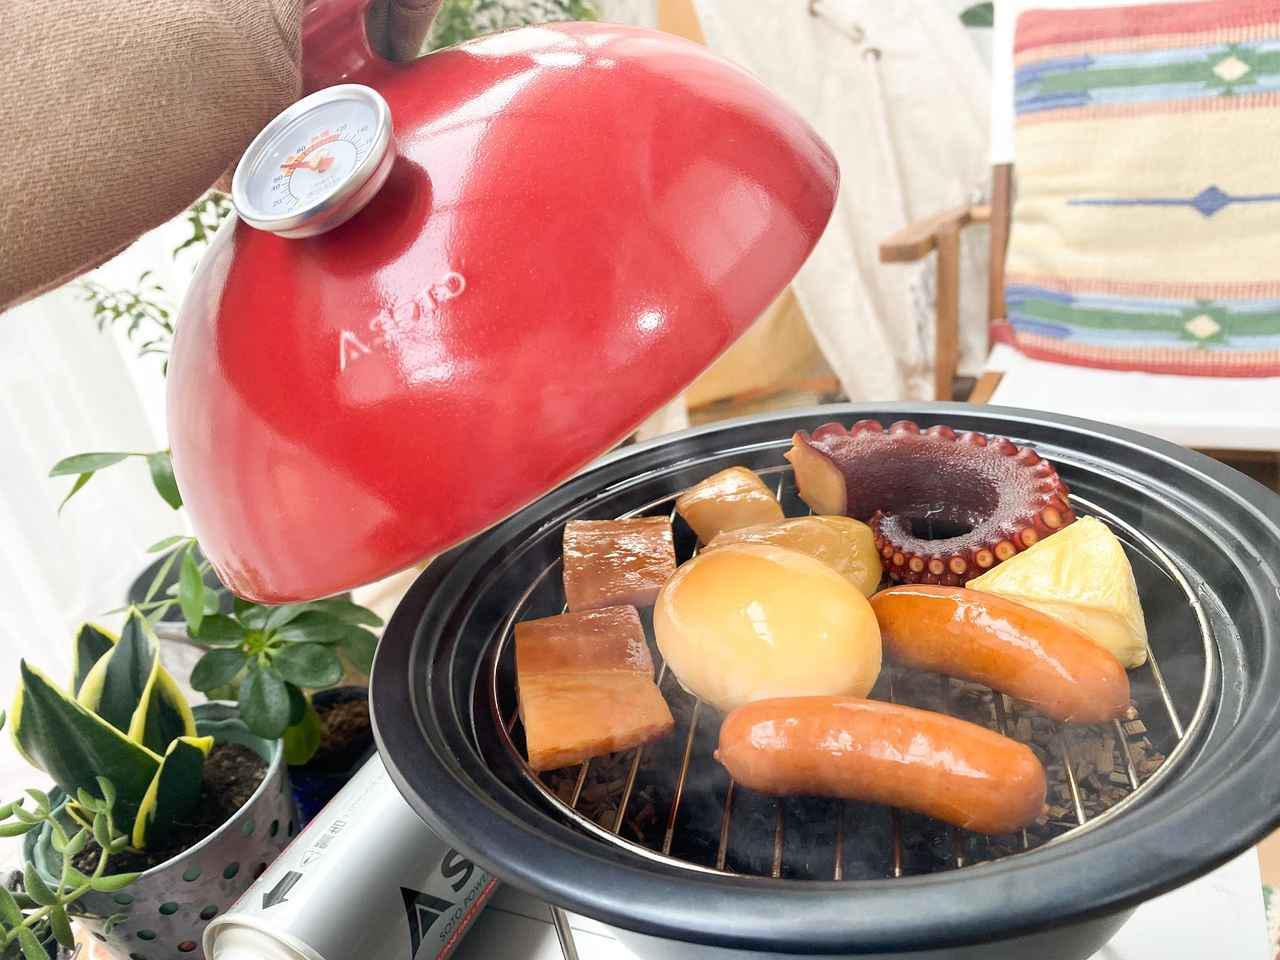 画像: 【おうちキャンプ】手軽な燻製レシピ SOTOの燻製鍋「スモークポット Coro」を使用 - ハピキャン(HAPPY CAMPER)